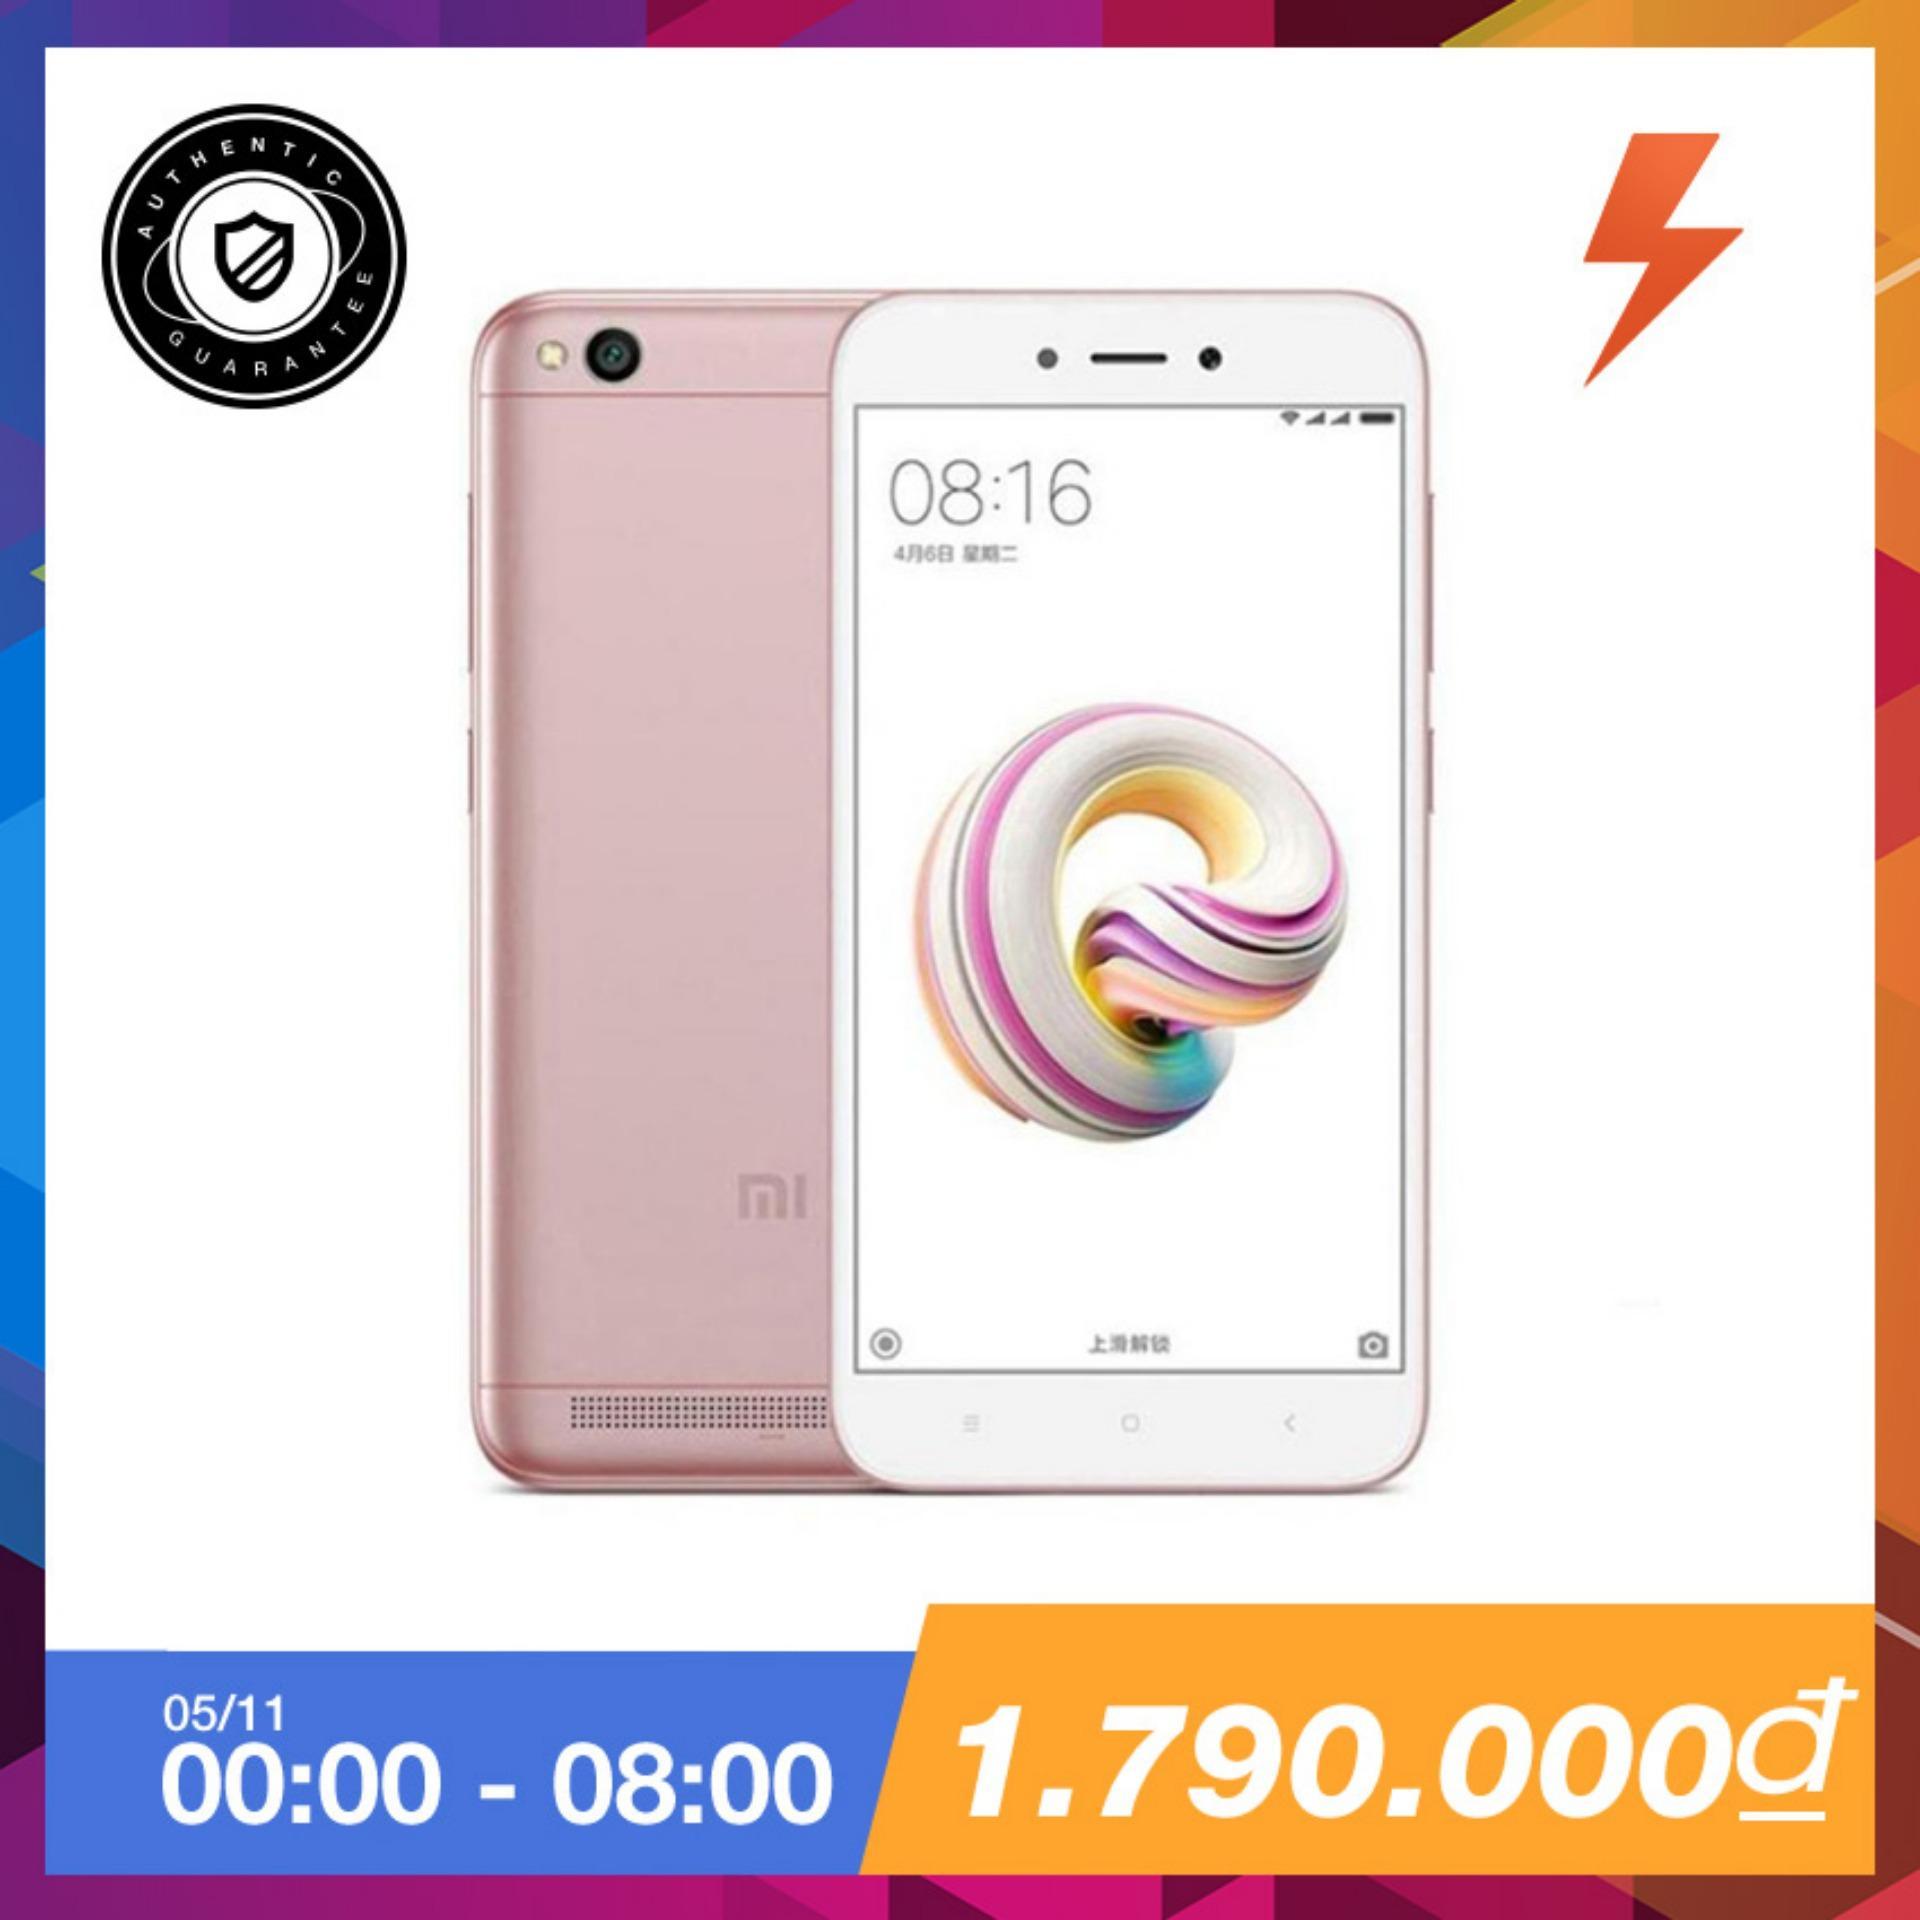 Mua Xiaomi Redmi 5A 16Gb Ram 2Gb Vang Hồng Hang Phan Phối Chinh Thức Rẻ